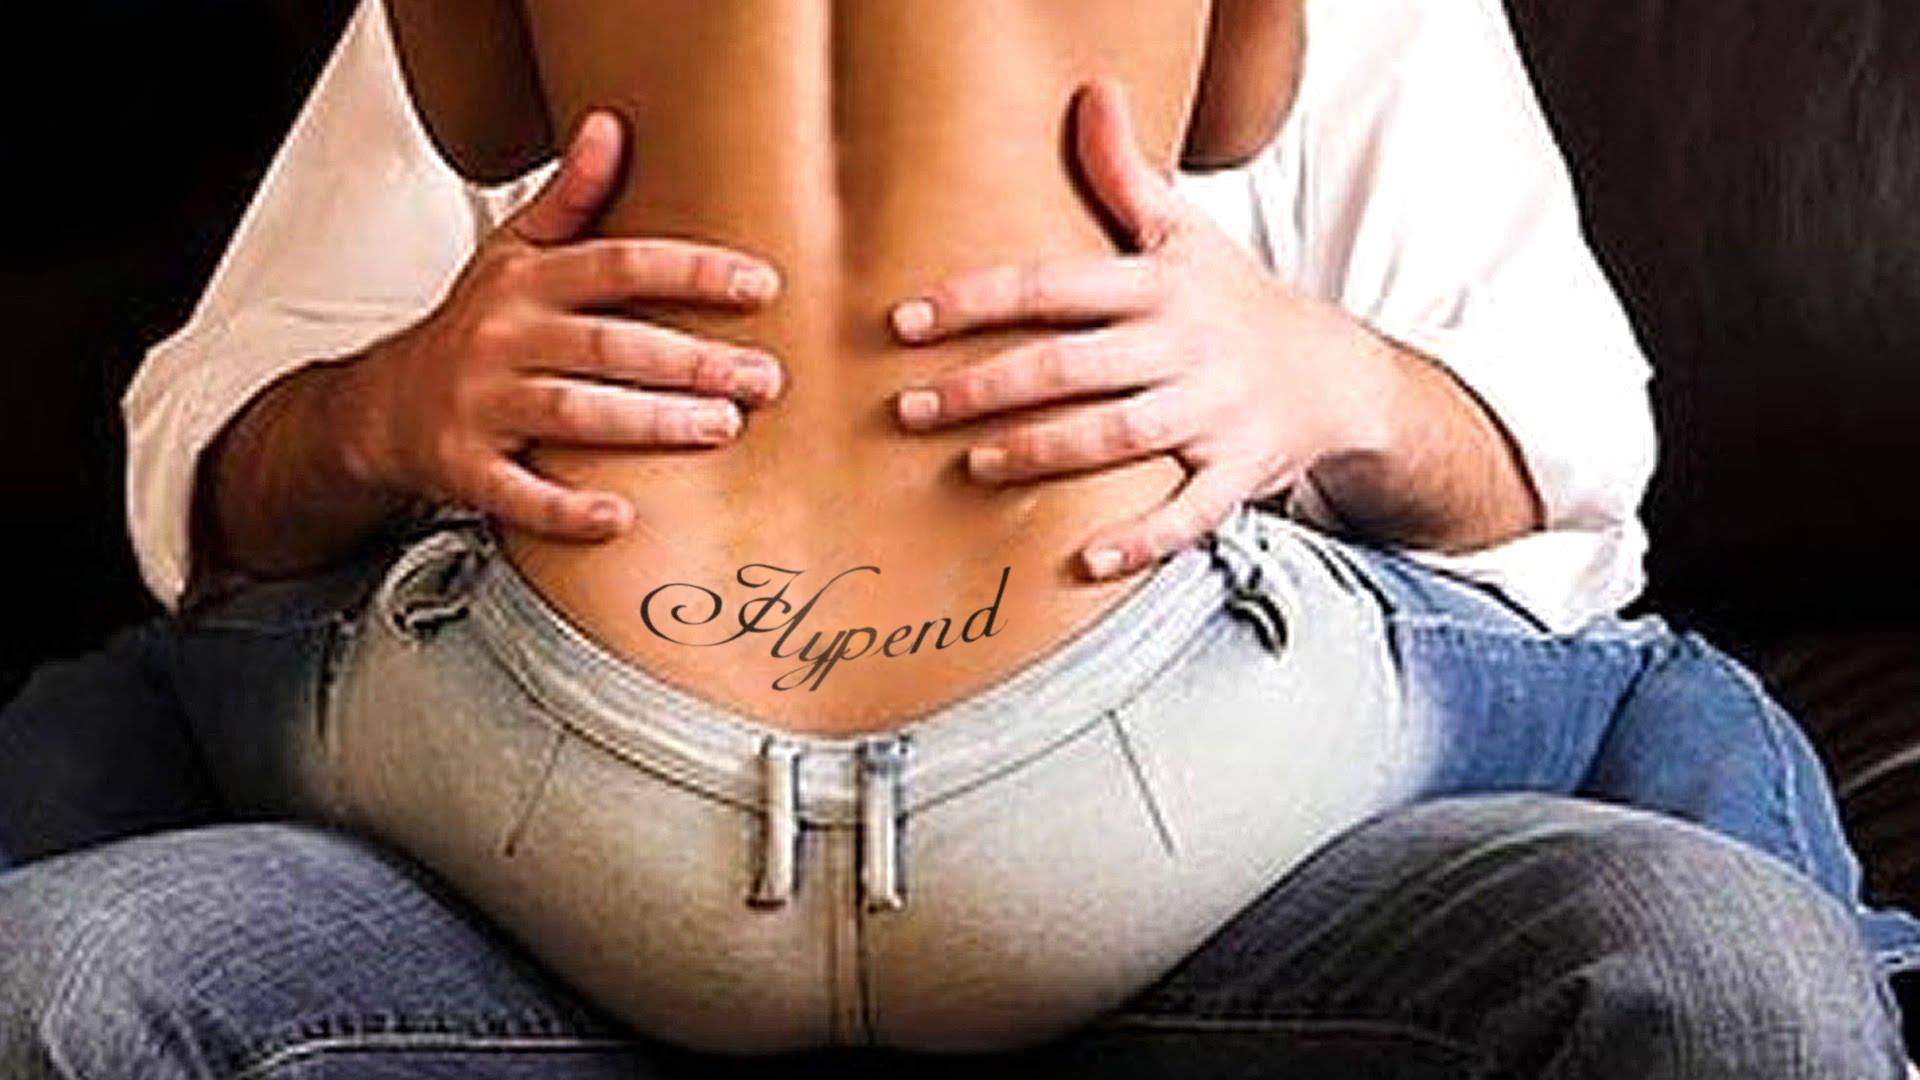 Hypend Tattooed  September 2018  Designed by: Miikka Marjamäki